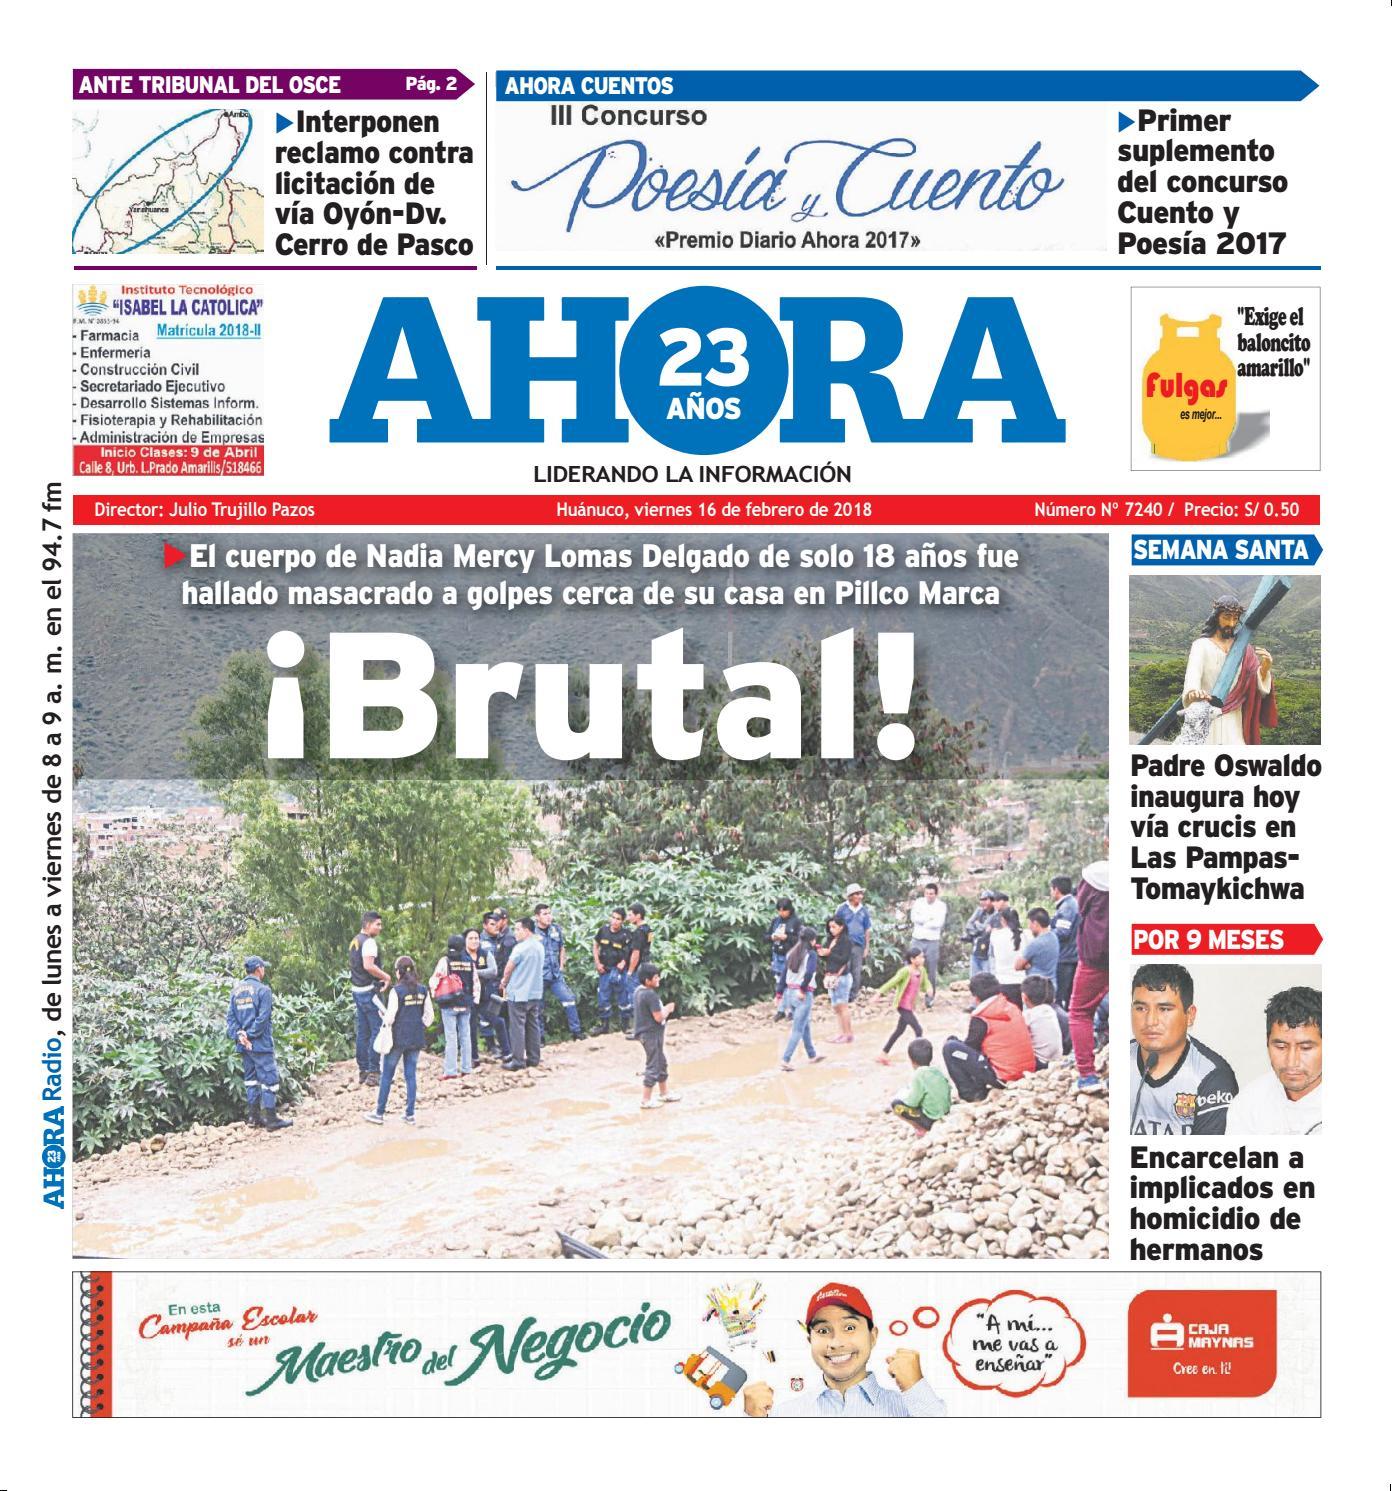 Edición diario ahora 16 02 2018 by Diario Ahora Huánuco - issuu